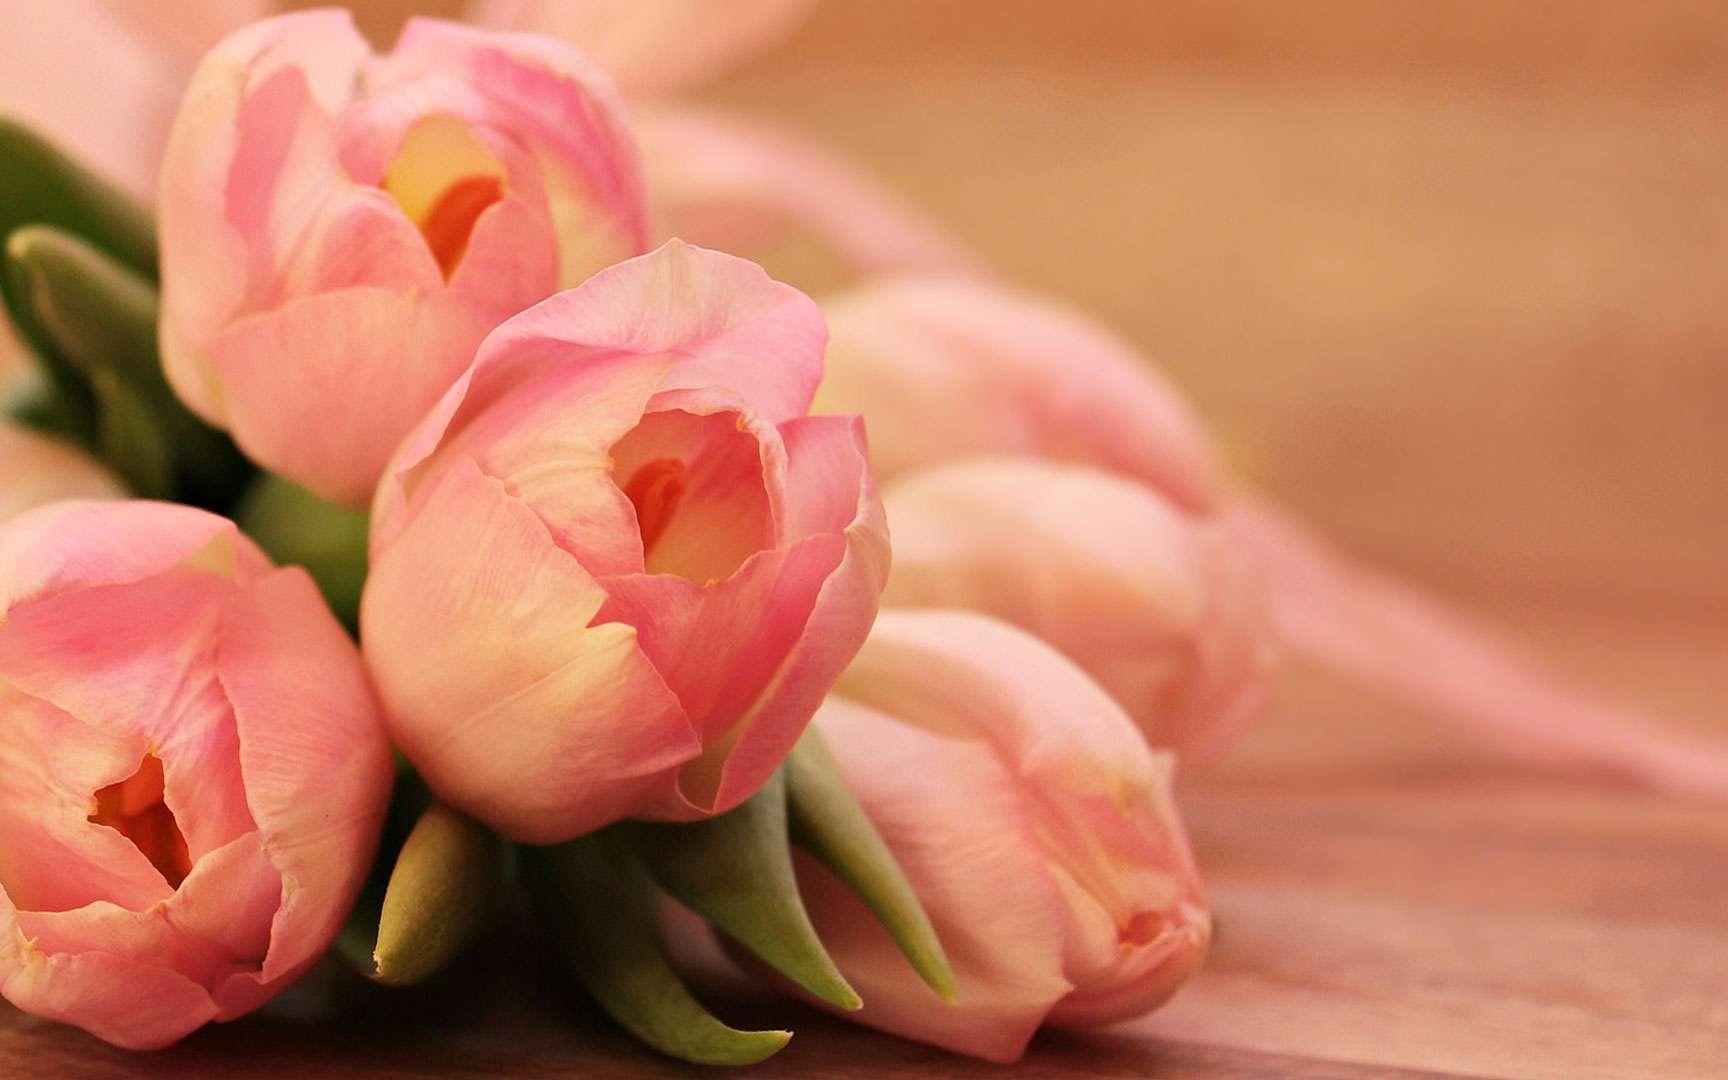 Des tons vibrants aux tons pastel, les tulipes colorent votre jardin. © Pixel 2013, Pixabay, DP